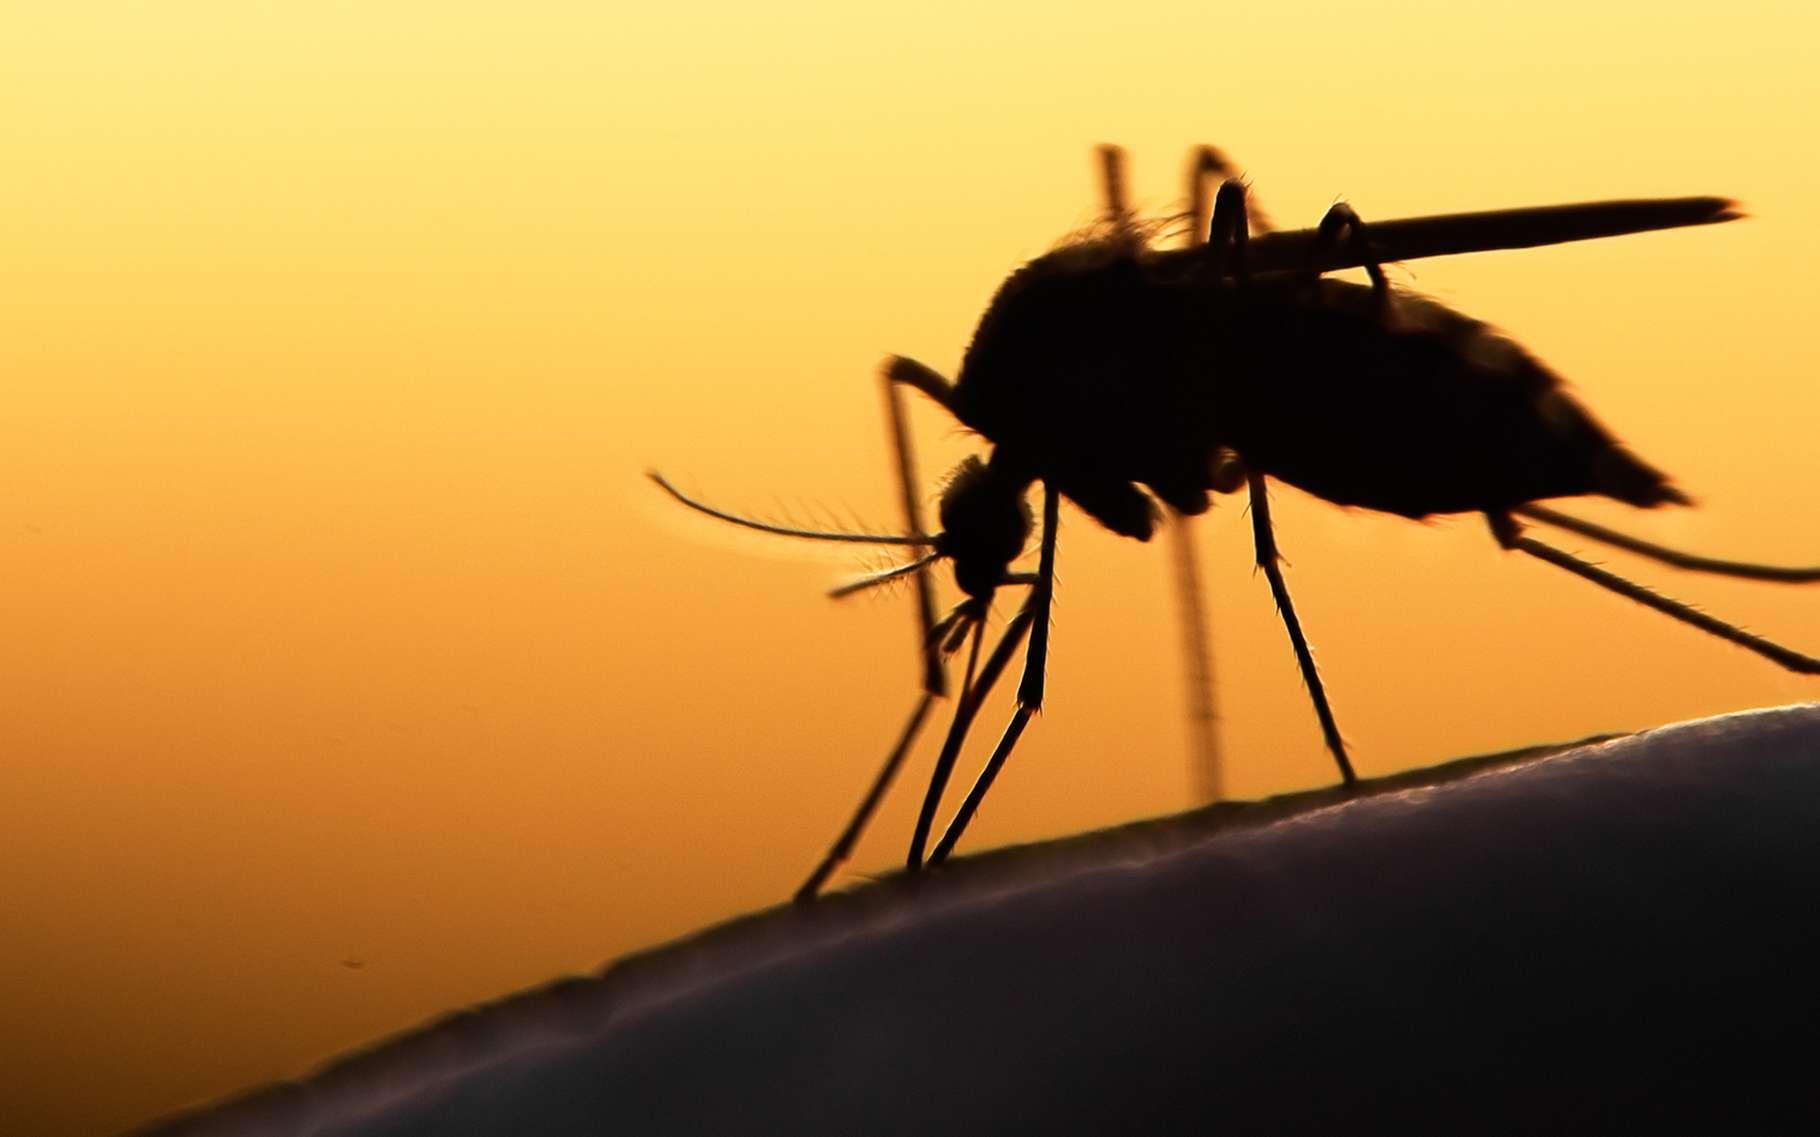 Pour se protéger des moustiques, mieux vaut commencer par éliminer les sources d'eaux stagnantes. © mycteria, Shutterstock